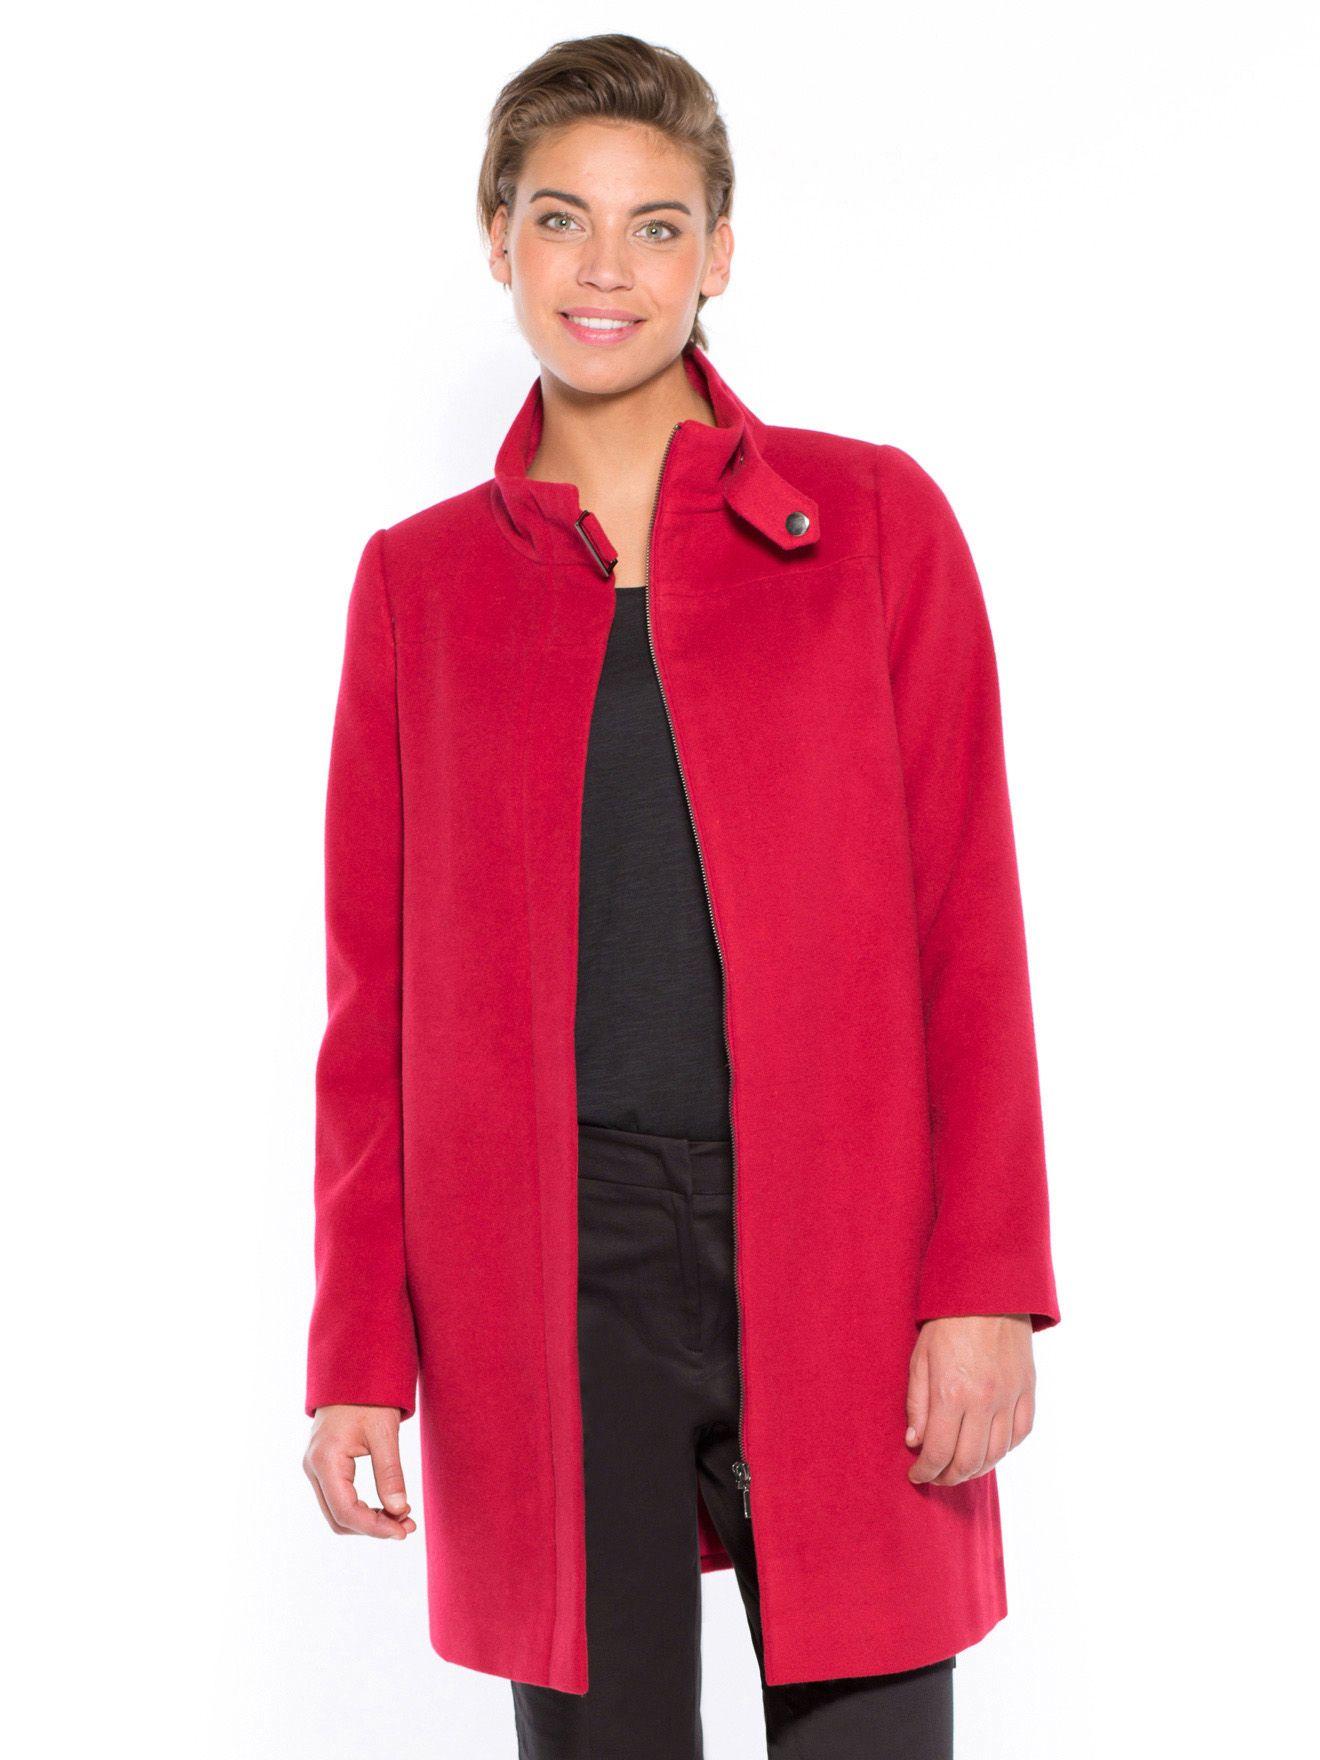 Manteau col montant zippé-Silhouettes Morpho A-BALSAMIK   balsamik.fr